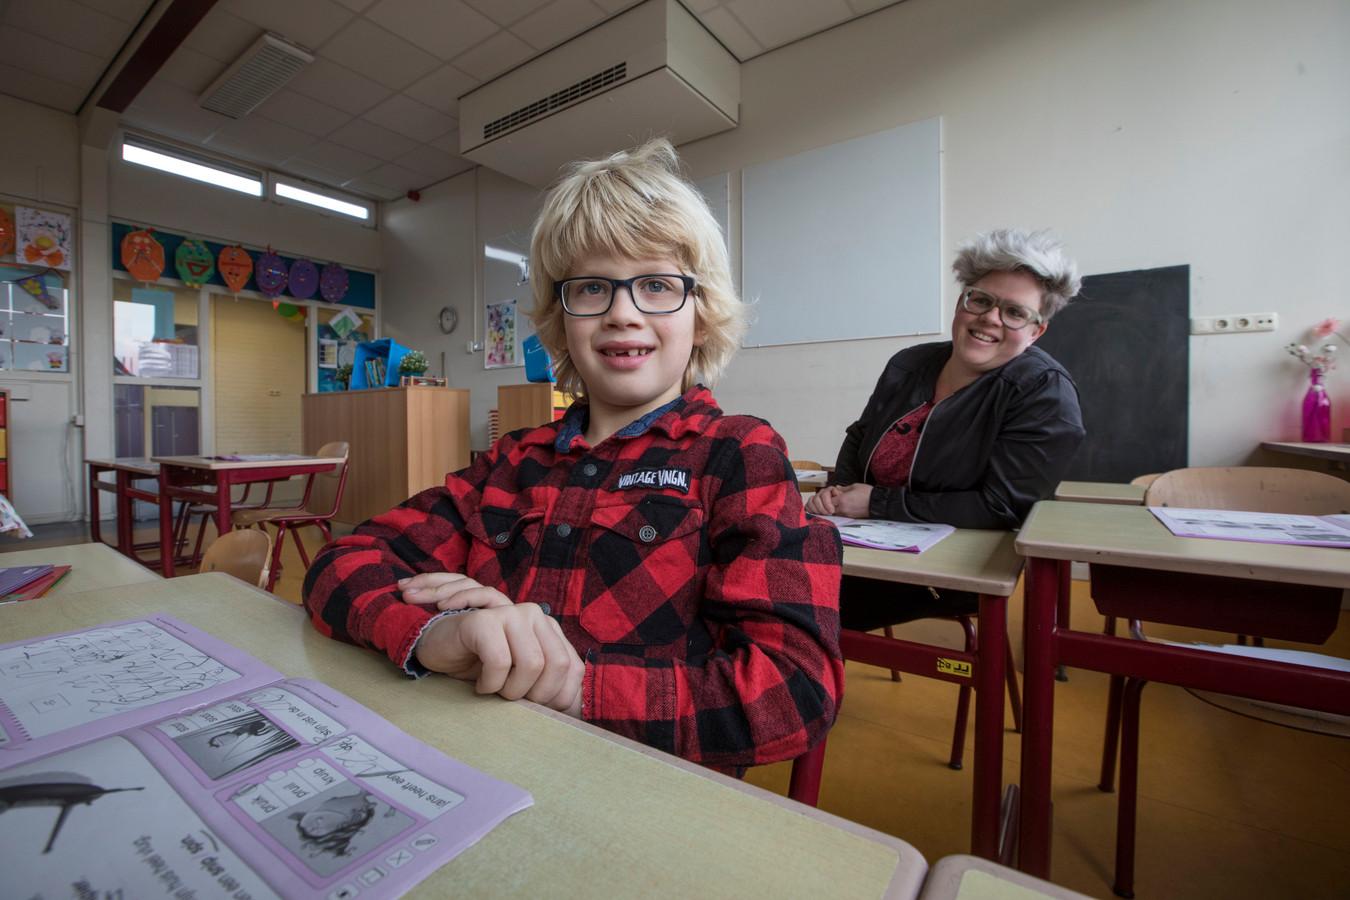 Deze jongen (6) zit bij juf Ank in de klas bij De Luizenmoeder ...